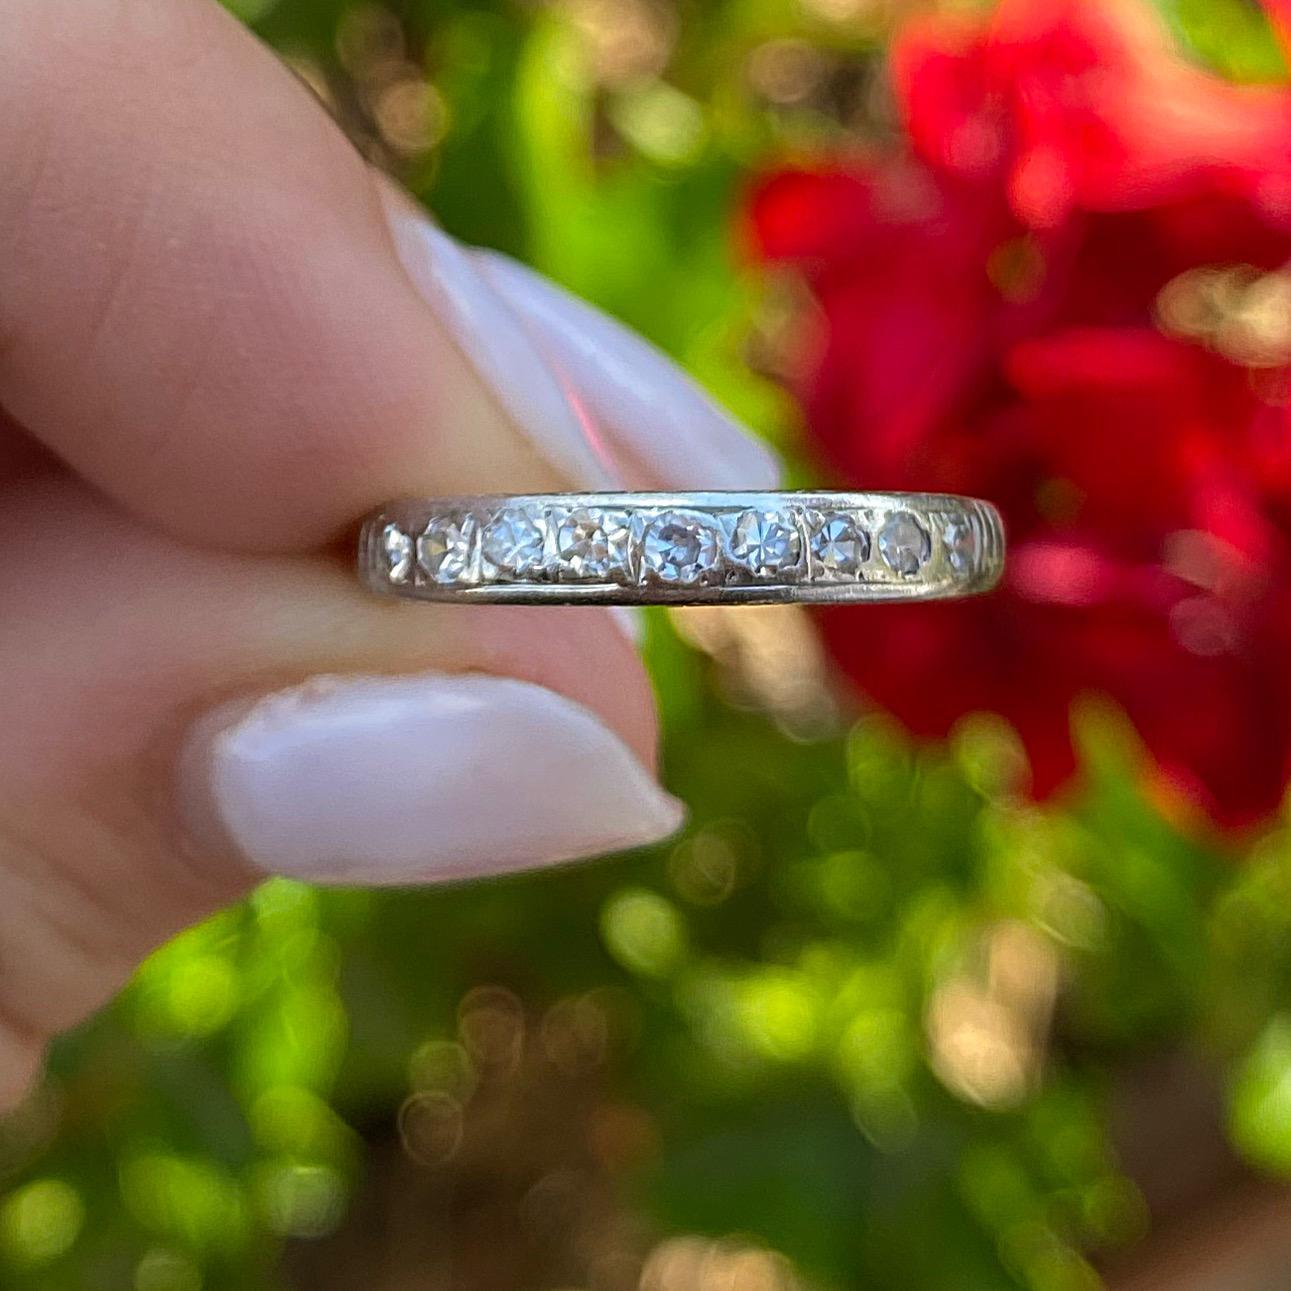 טבעת חצי איטרניטי עתיקה, זהב 18k עם יהלומים.